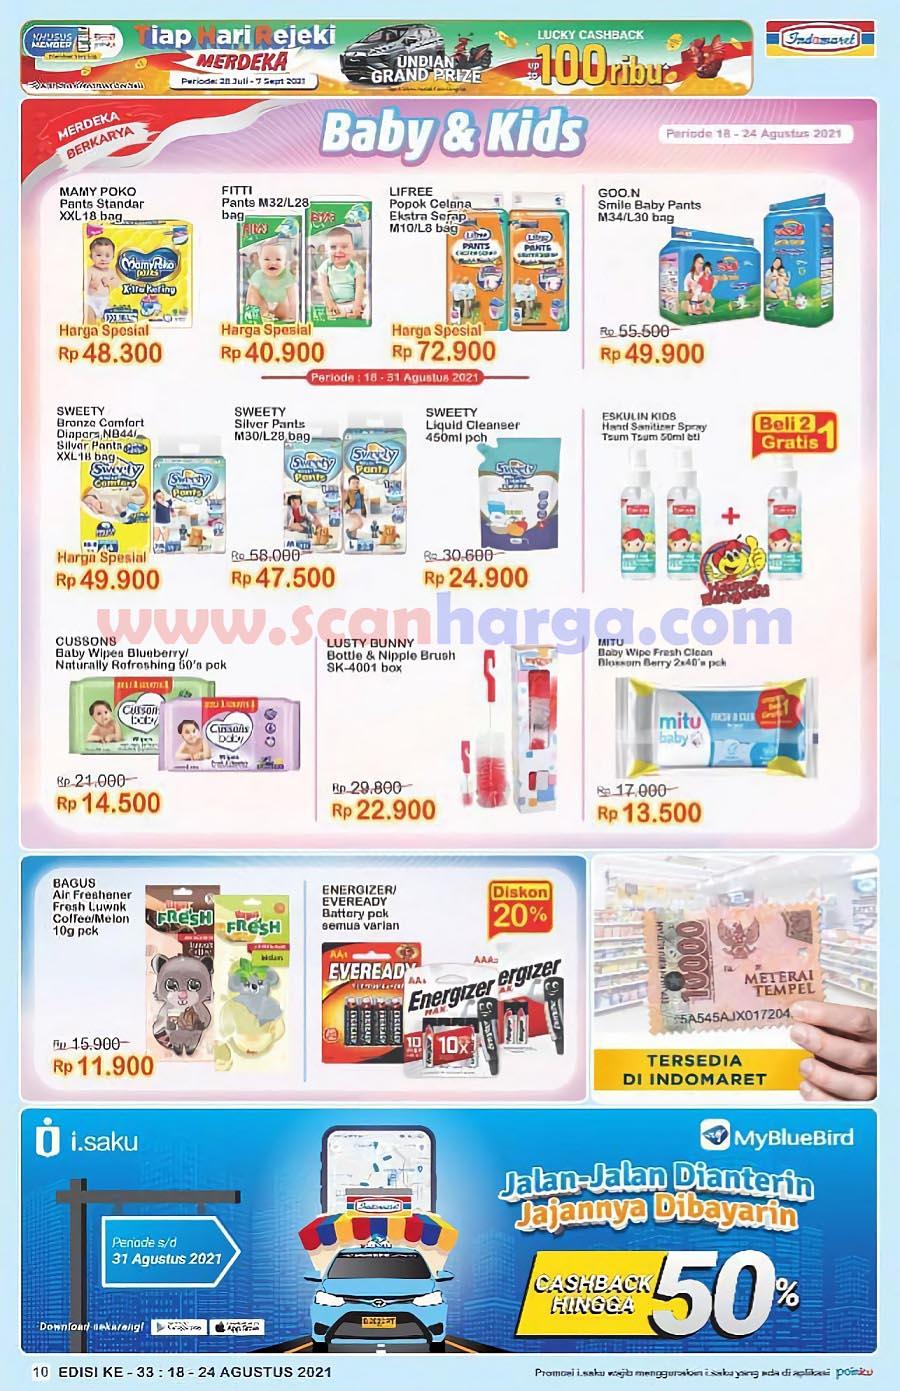 Katalog Indomaret Promo Terbaru 18 - 24 Agustus 2021 10